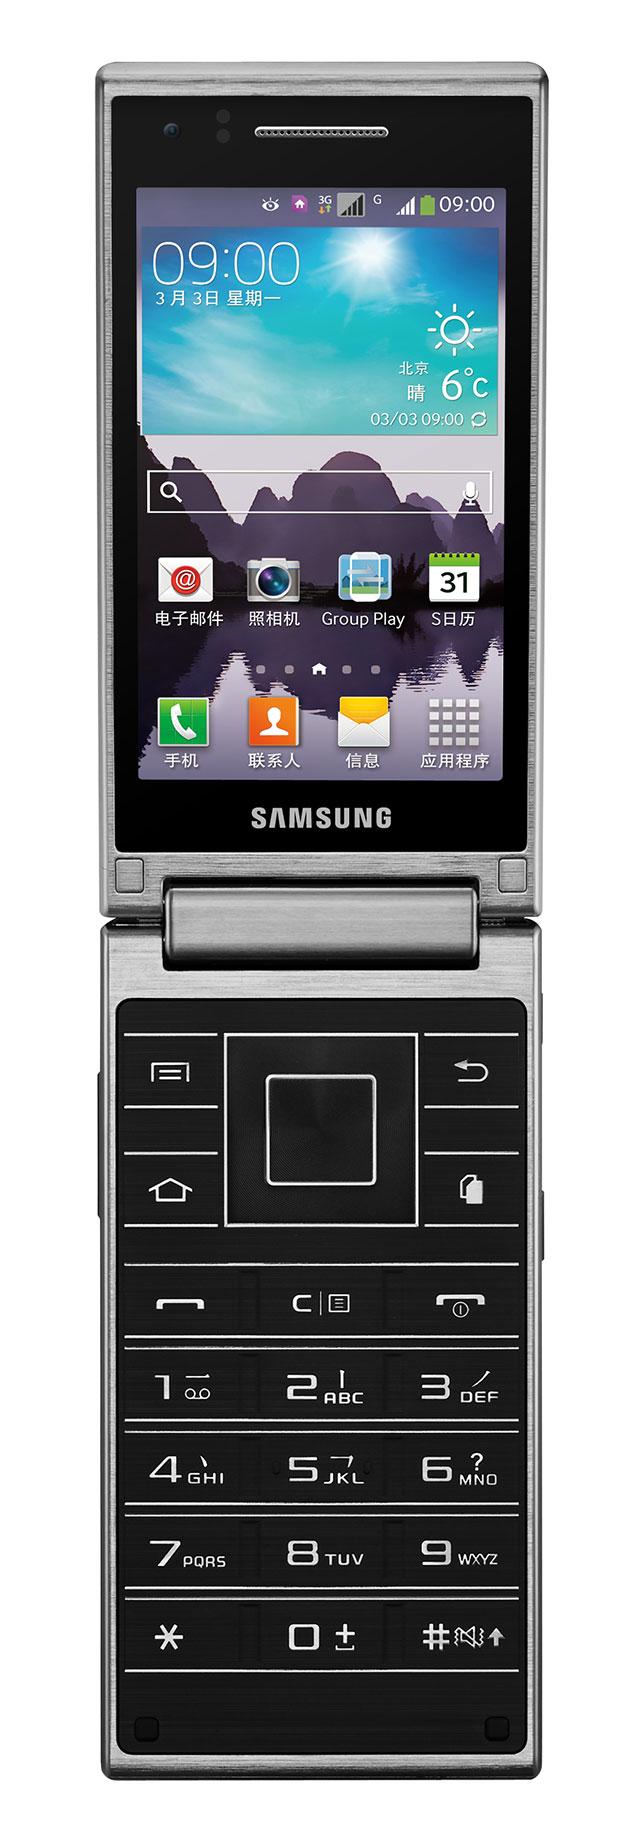 neues klapp smartphone von samsung vorgestellt all about samsung. Black Bedroom Furniture Sets. Home Design Ideas